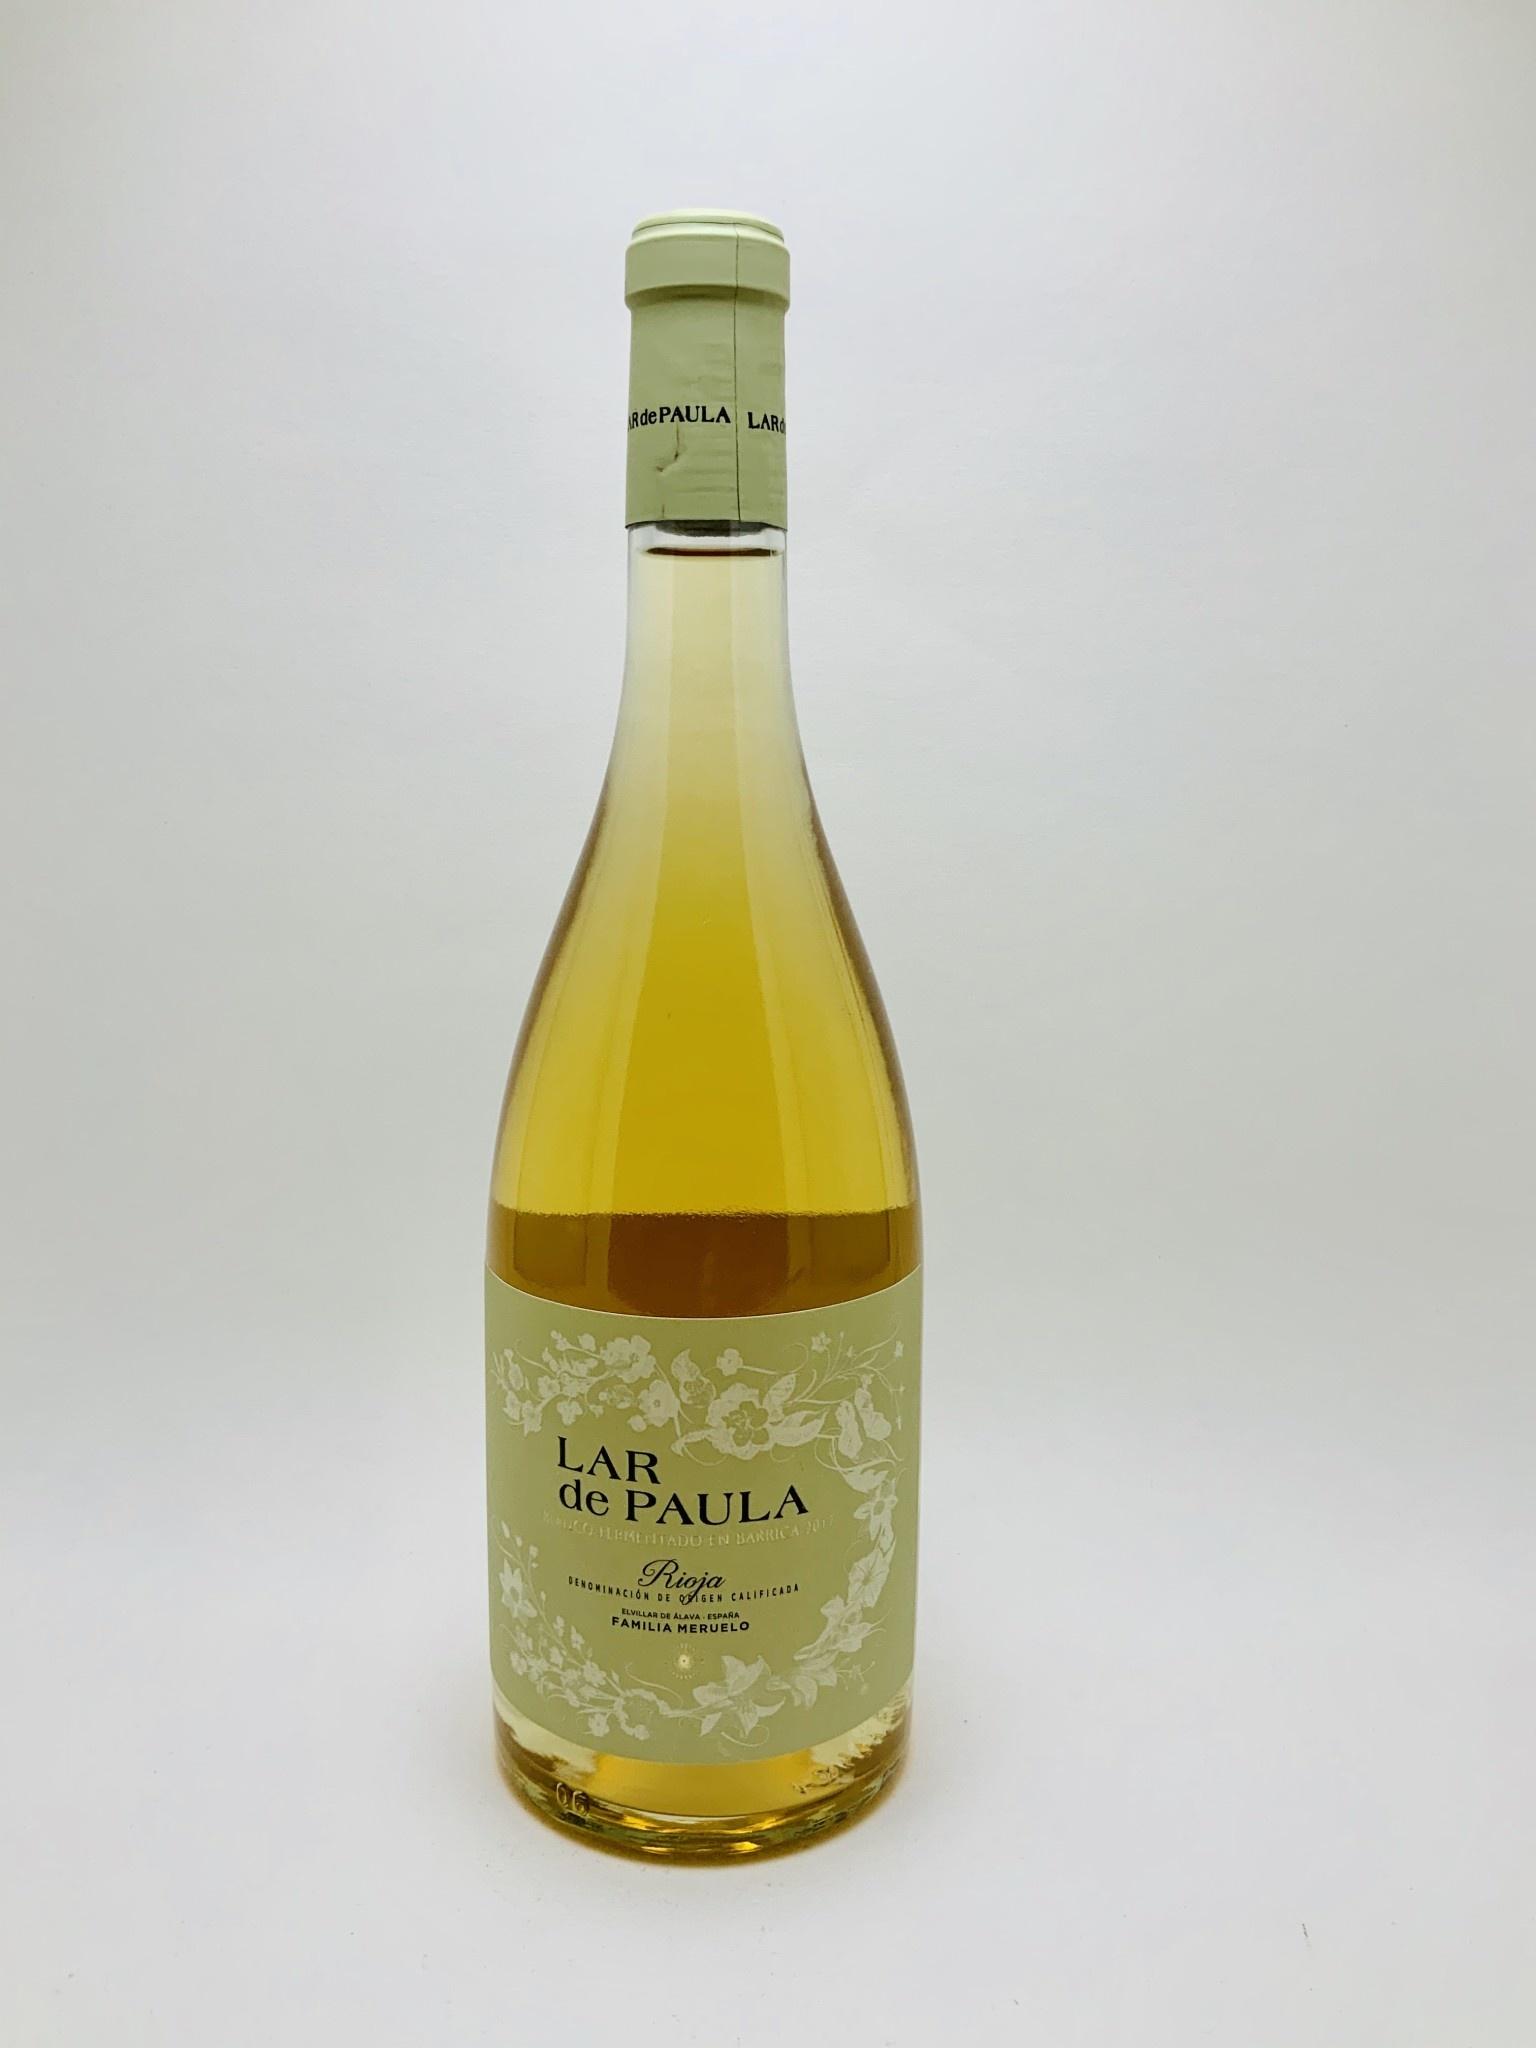 Bodegas Heredad de Baroja Lar de Paula Blanco Rioja Spain 2017